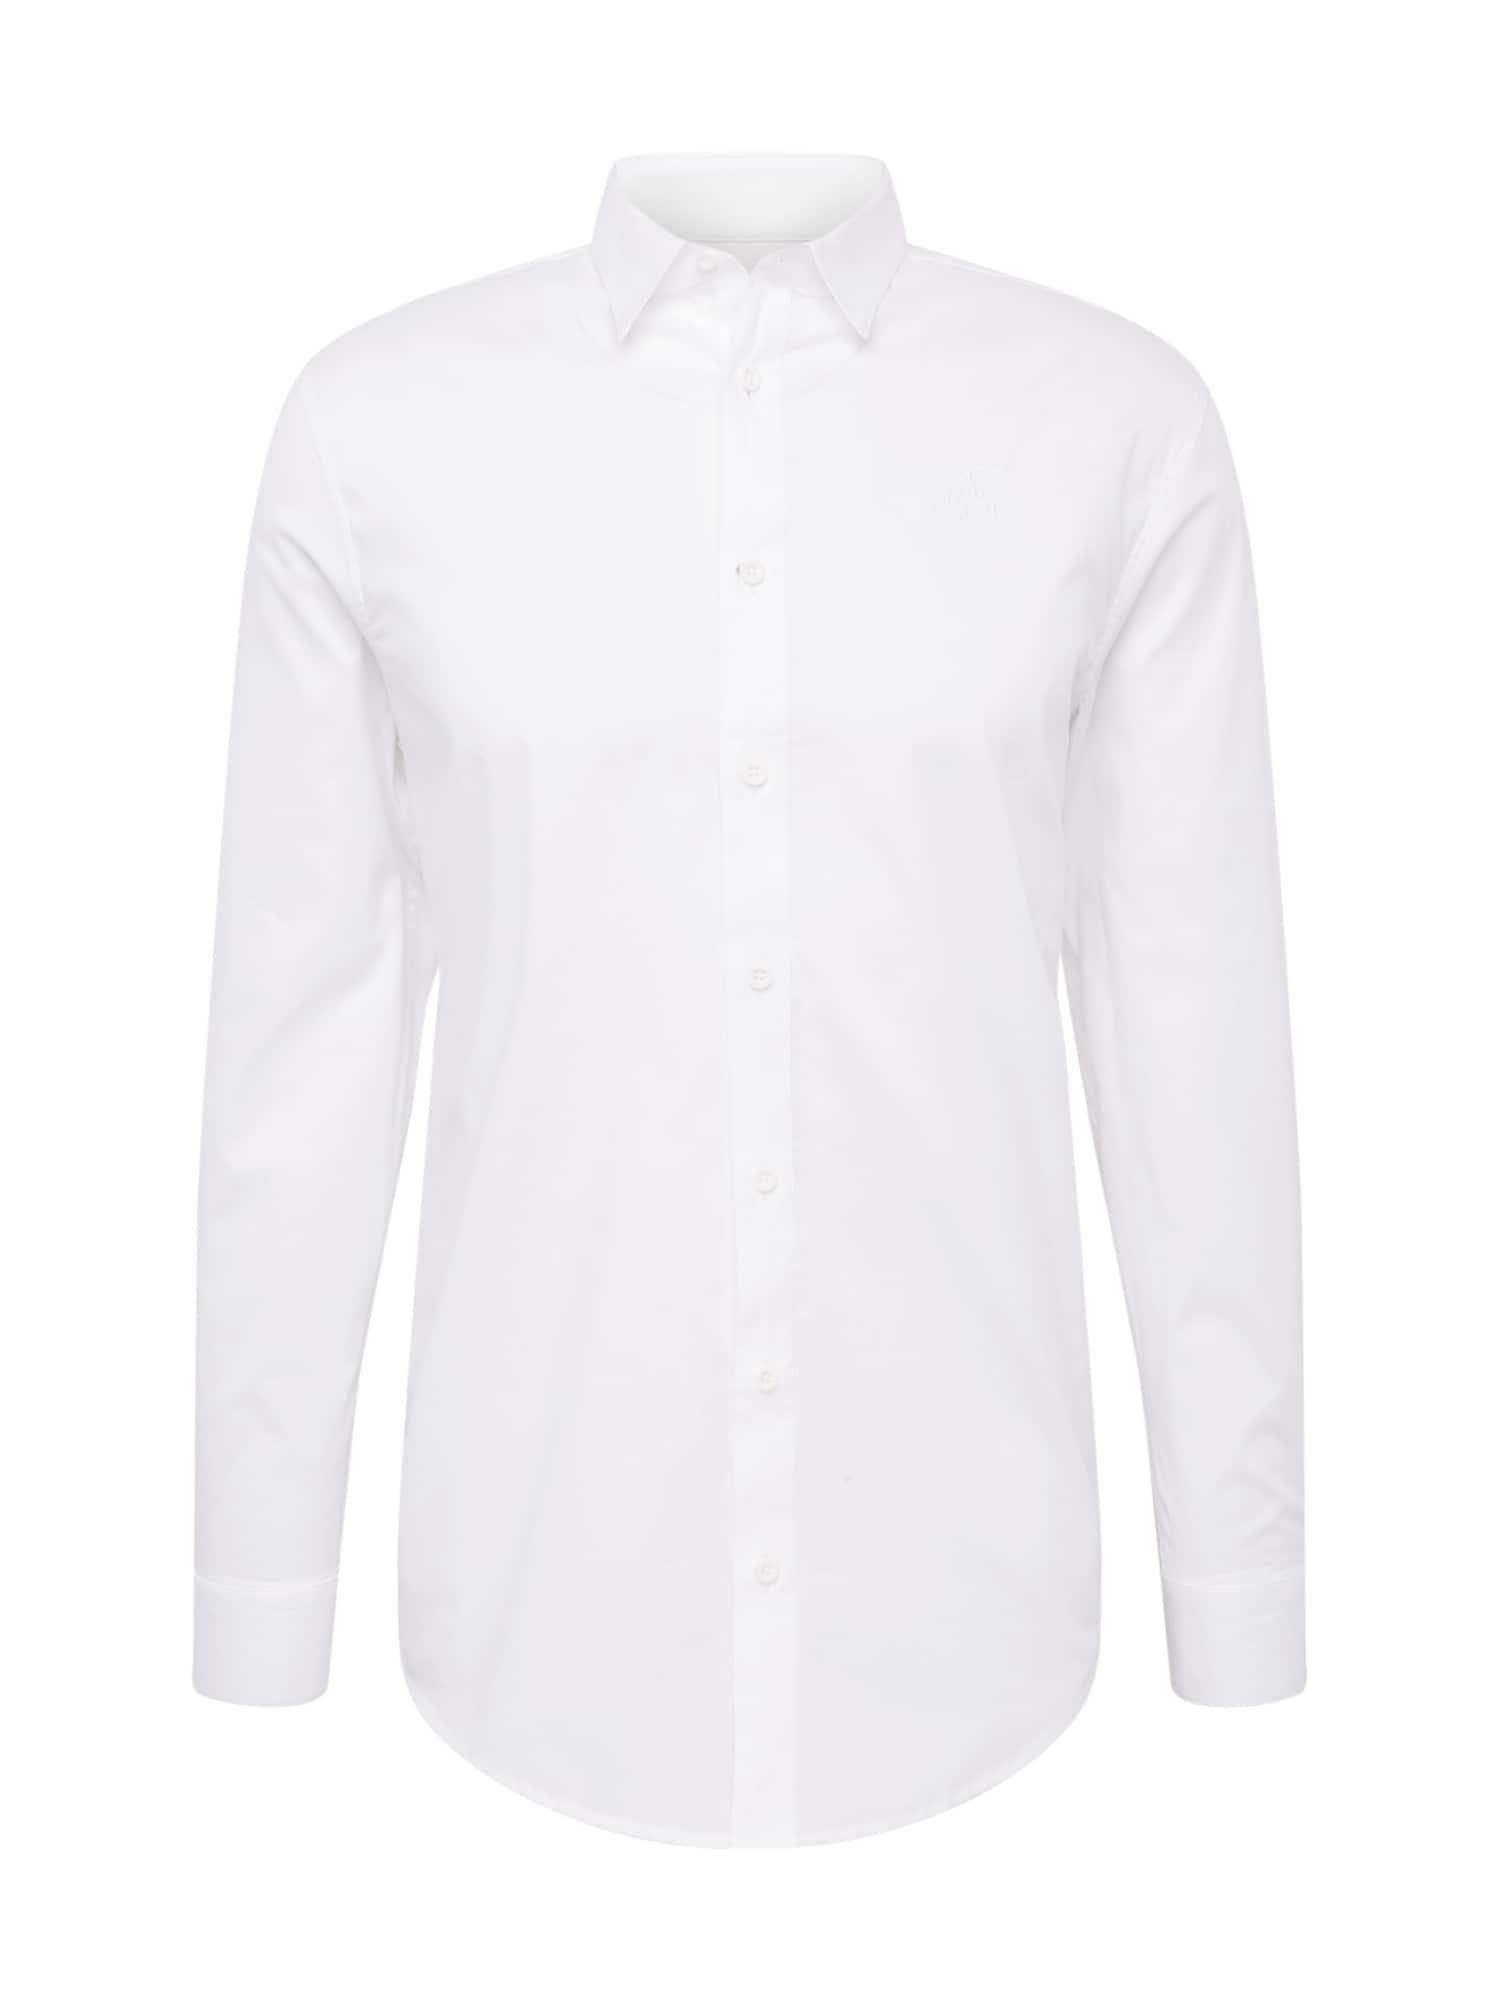 Společenská košile bílá SikSilk